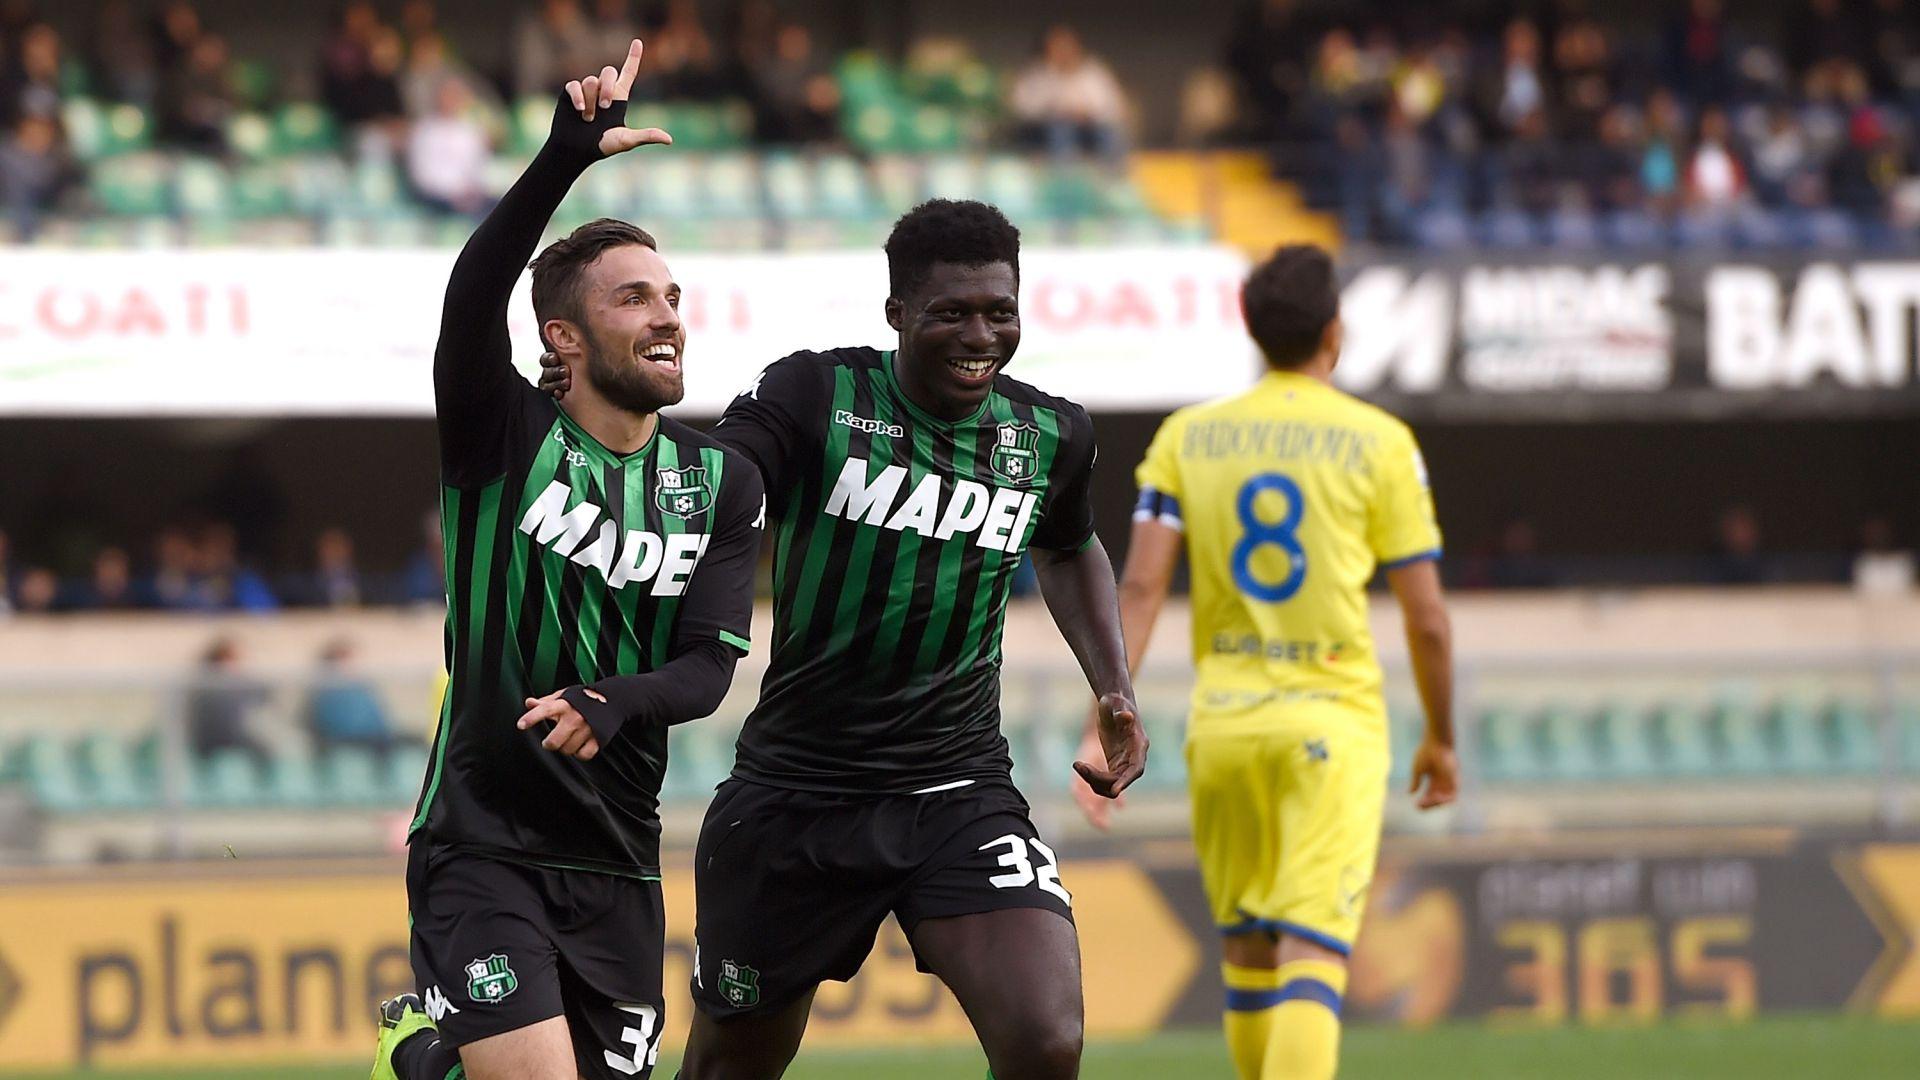 Di Francesco Duncan - Chievo Sassuolo